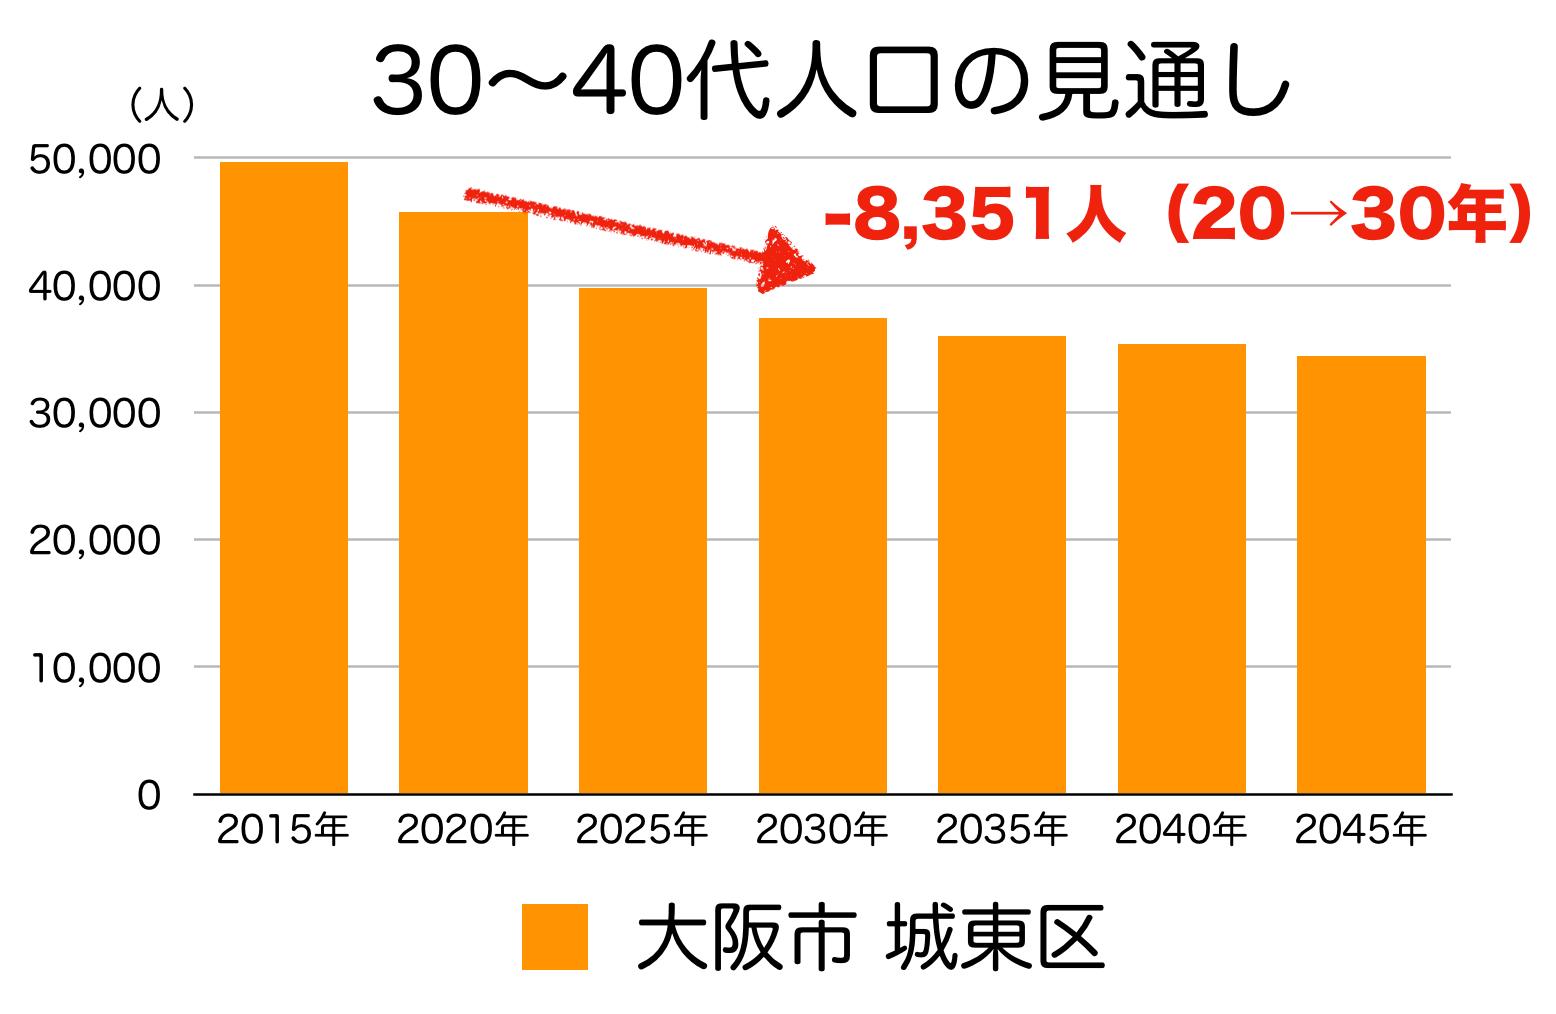 大阪市城東区の30〜40代人口の予測